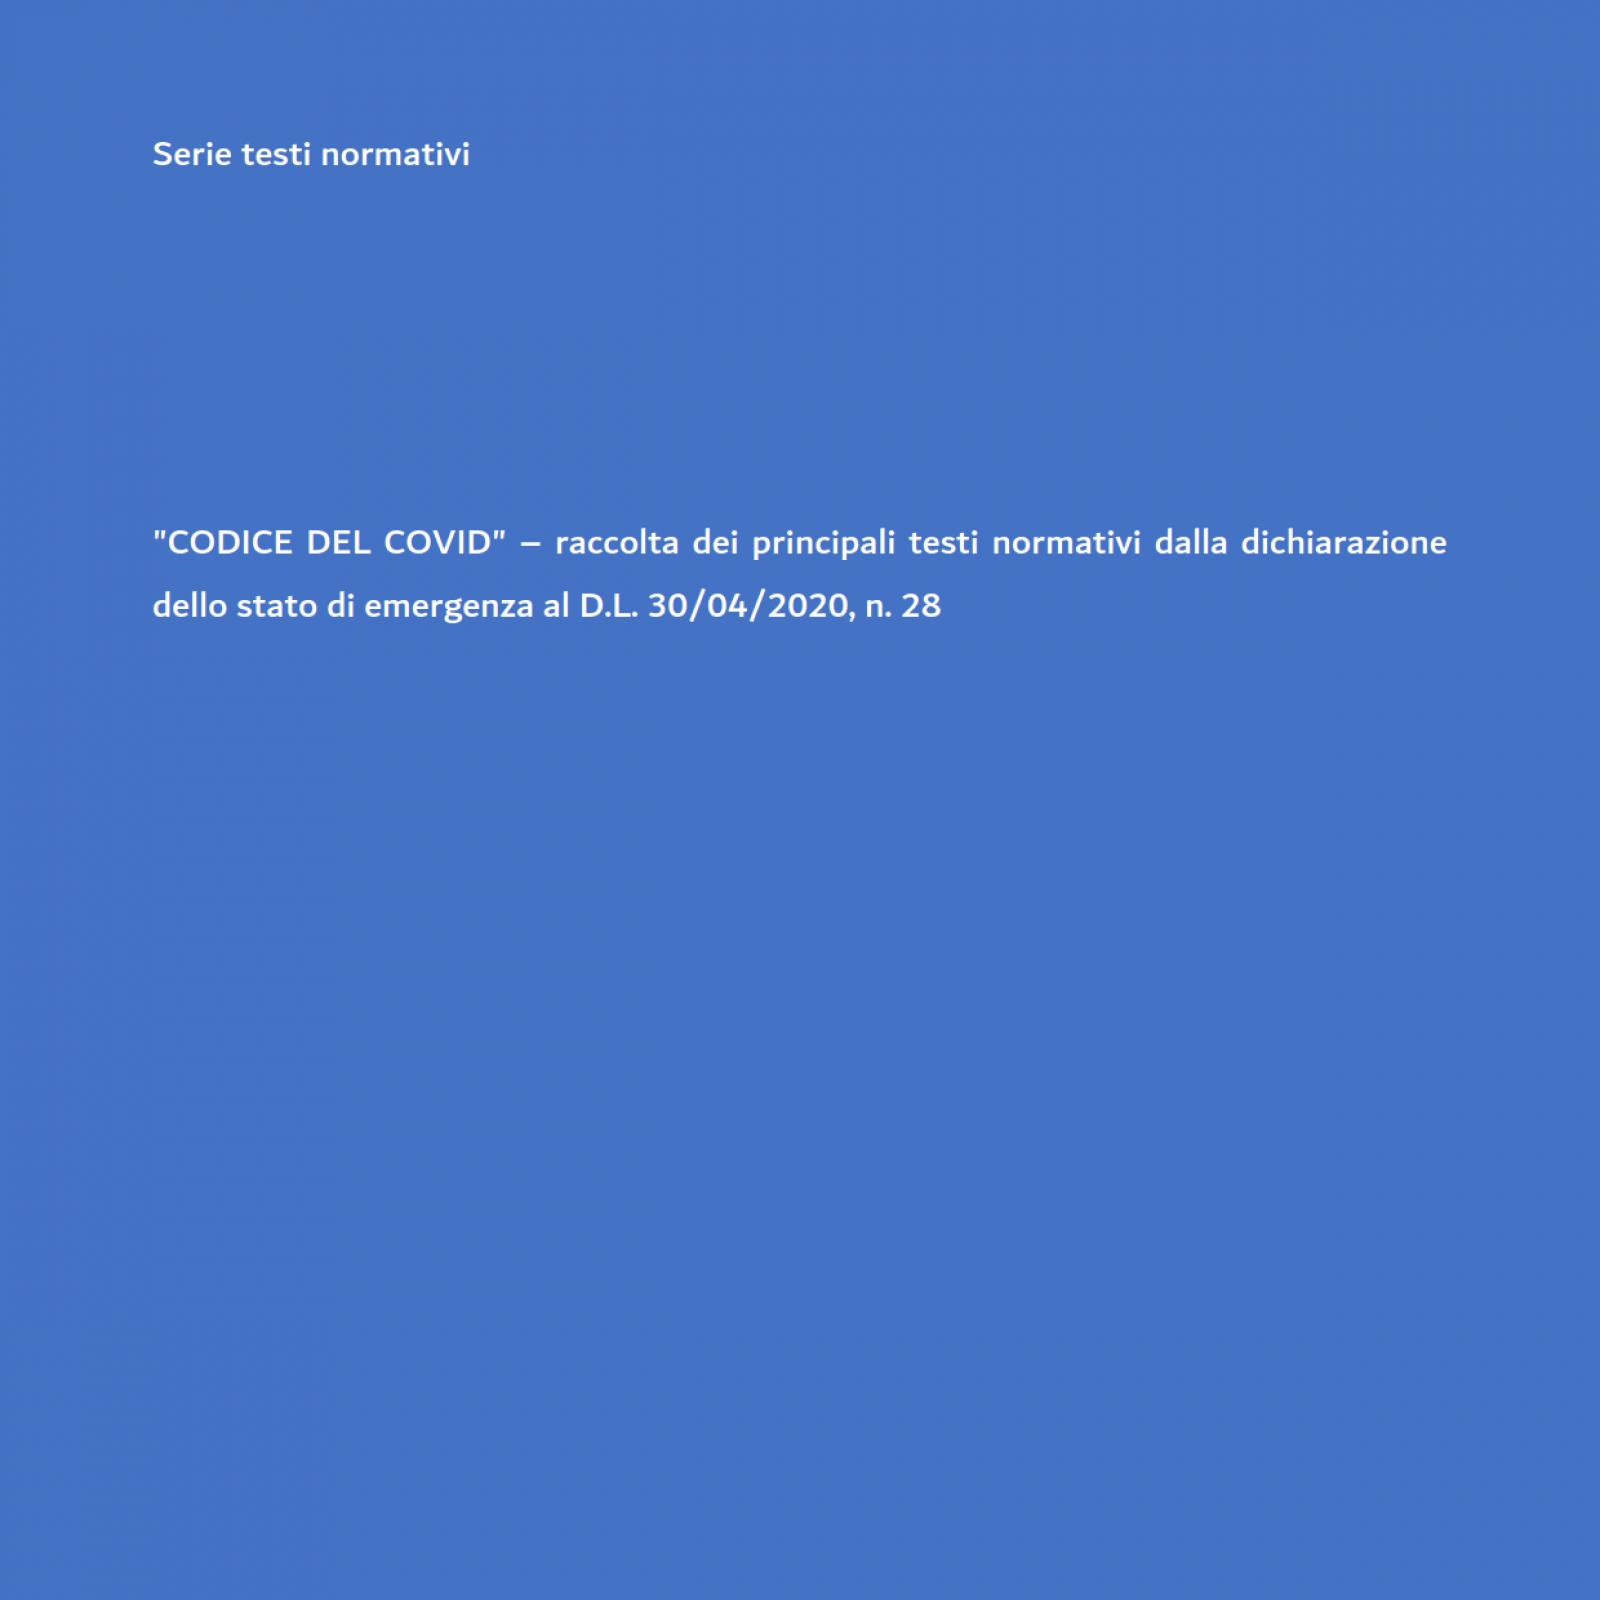 Il codice del COVID-19 aggiornato al D.L. 28/2020 (SOSTITUITO DALLA NUOVA EDIZIONE!)